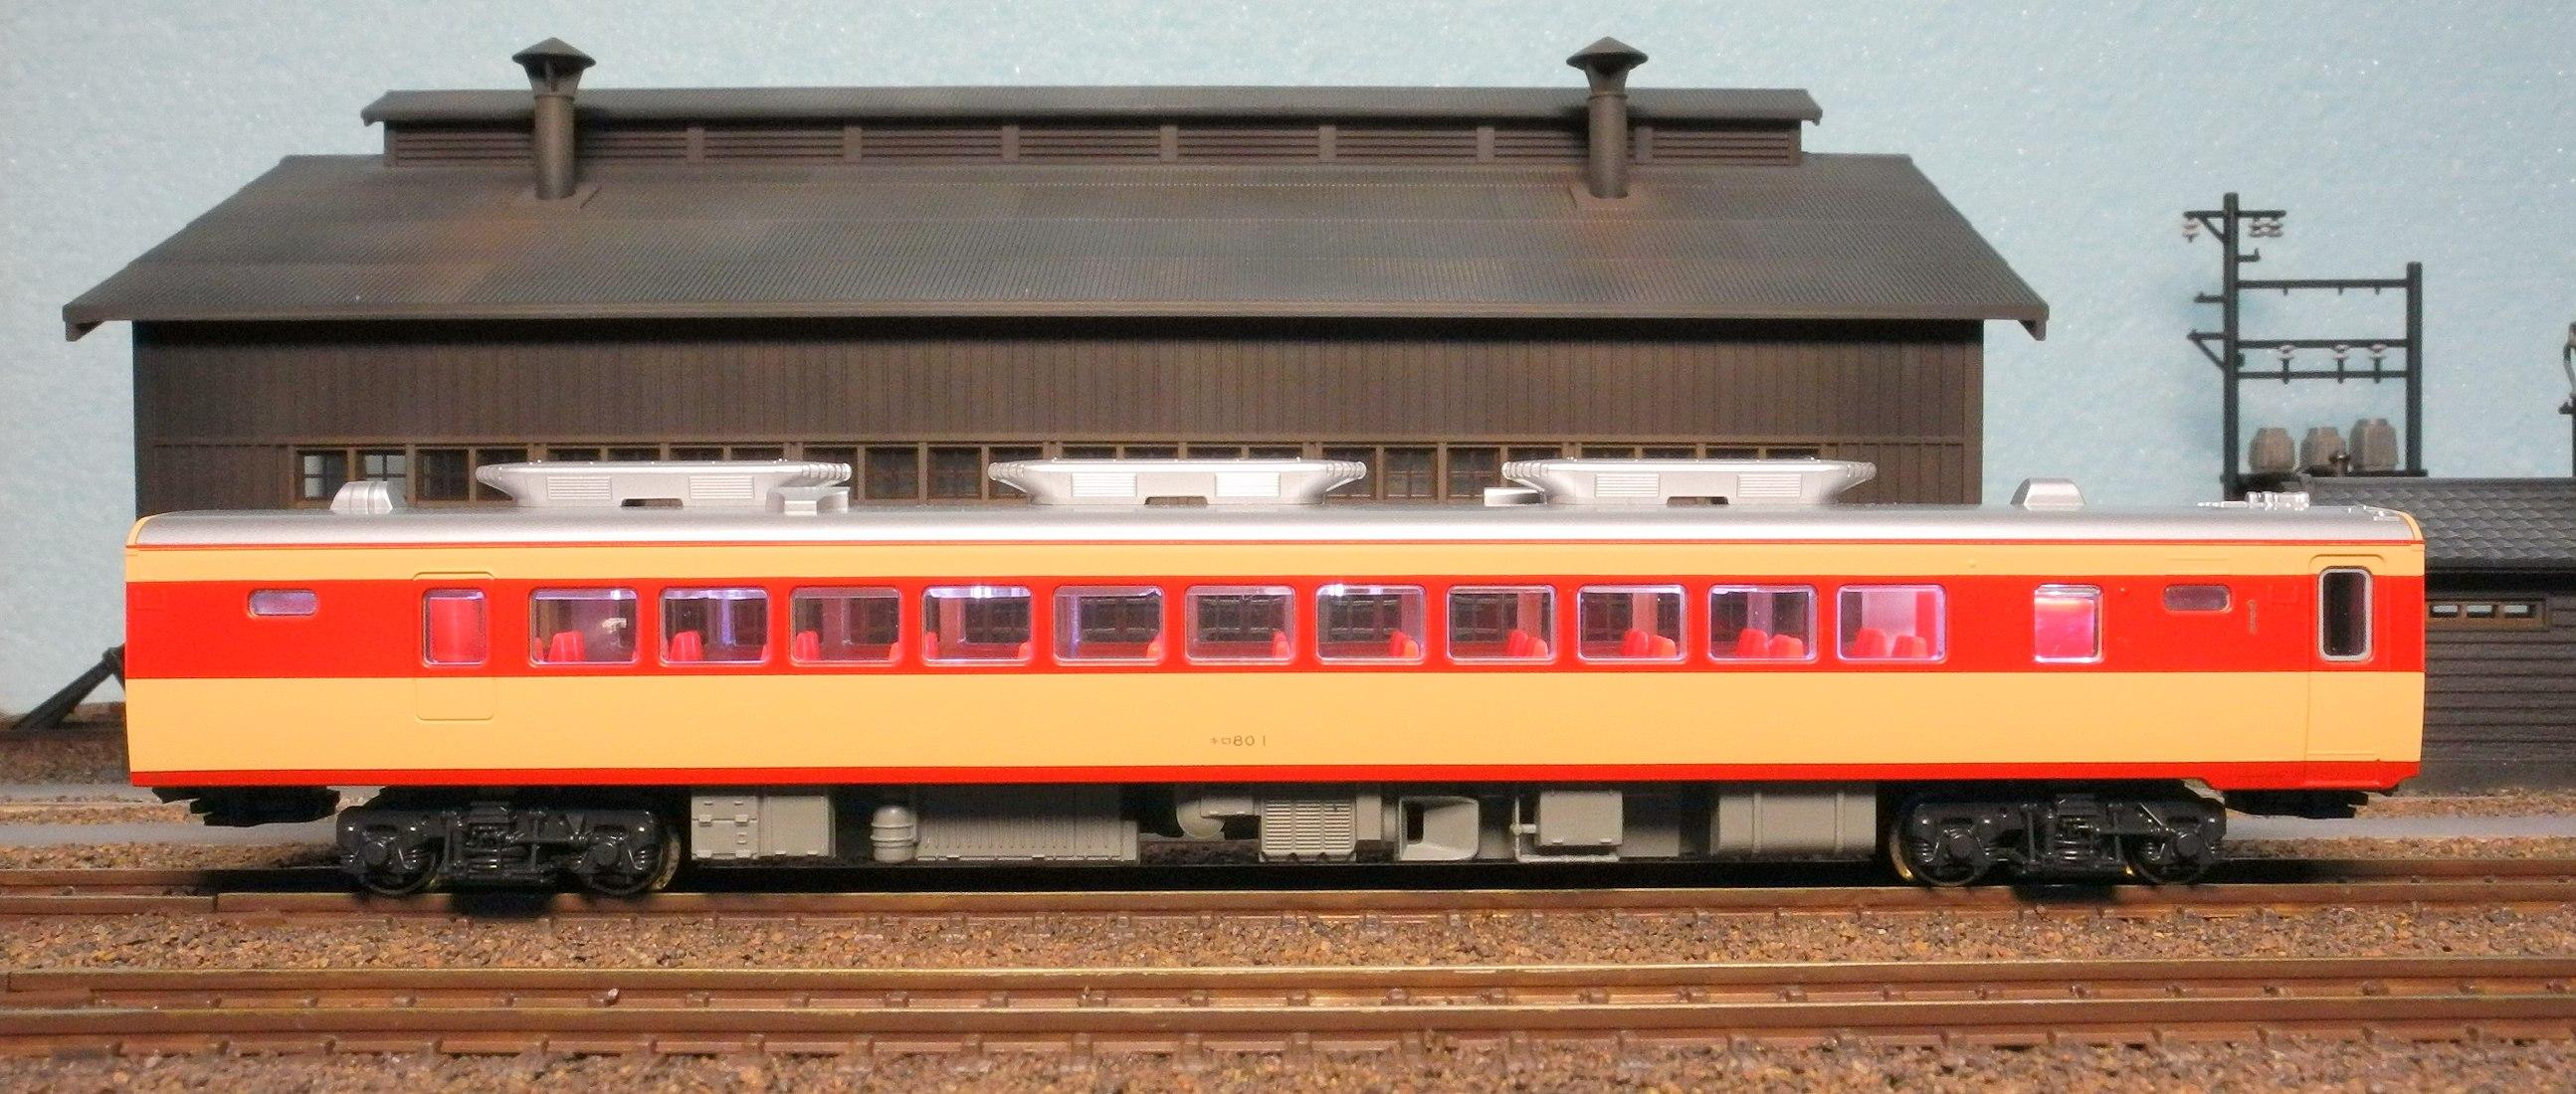 DSCN6766-1.jpg